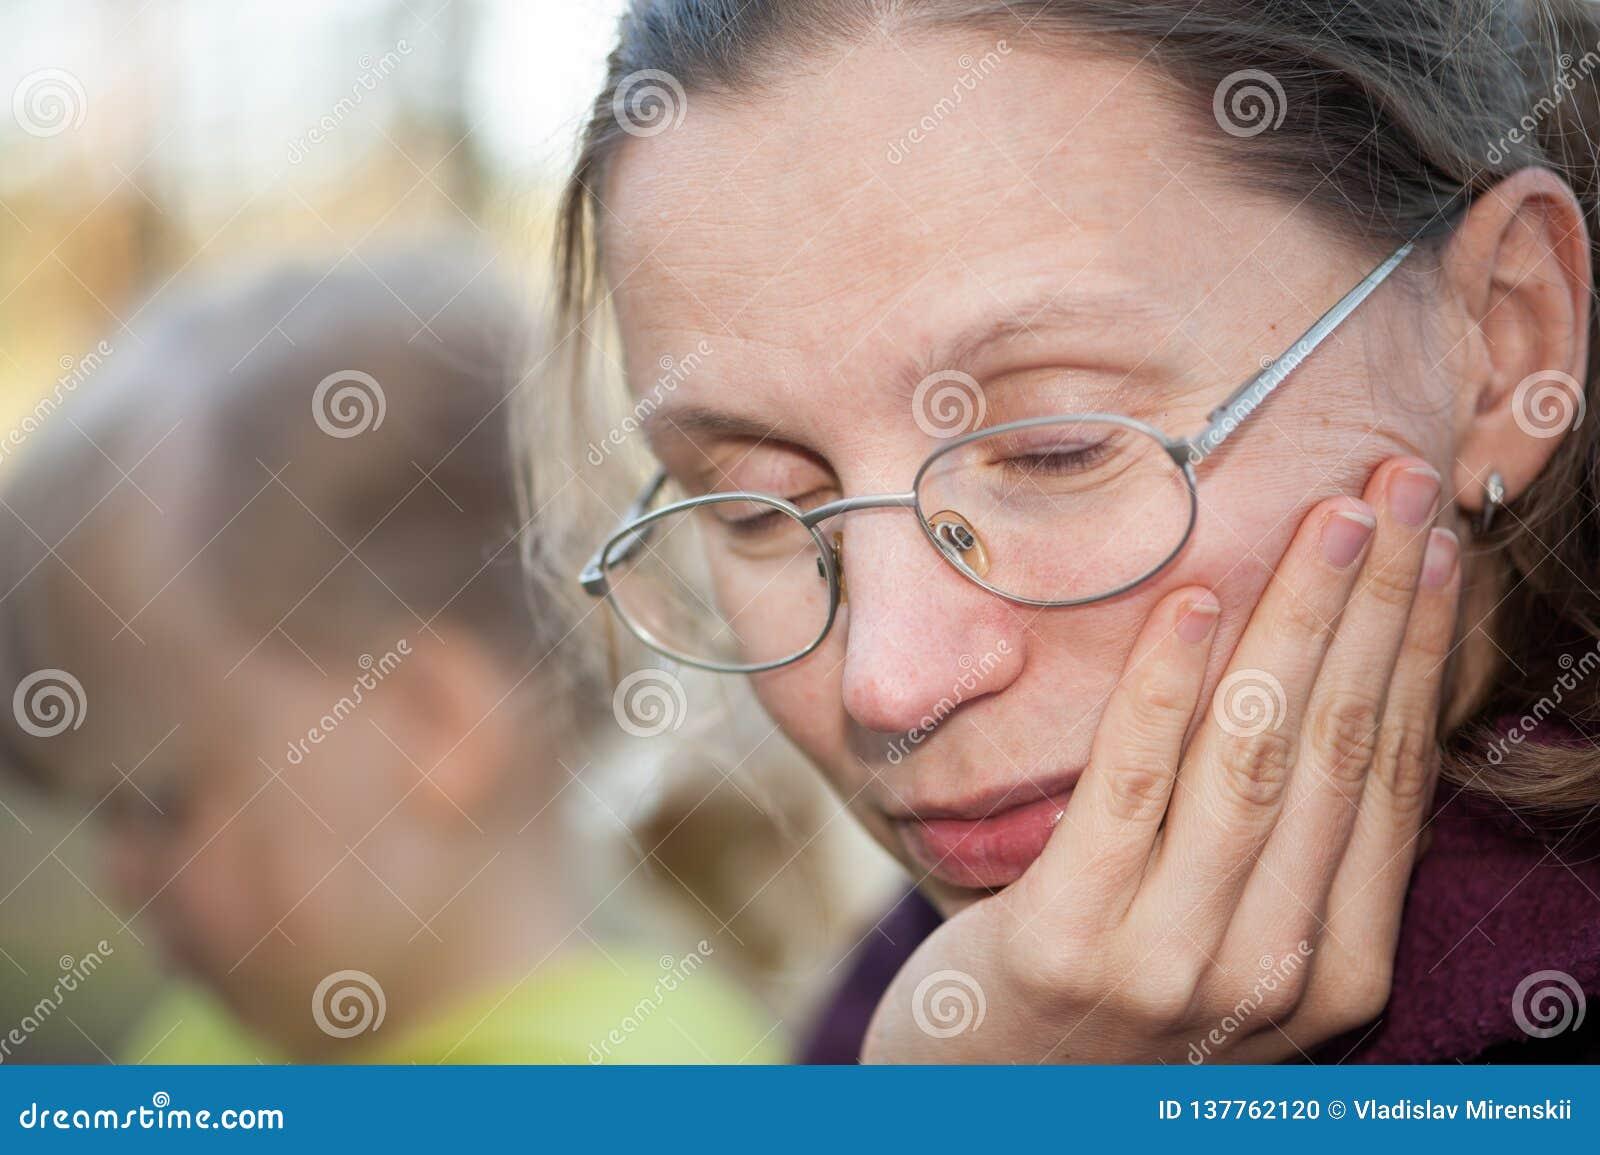 Η κουρασμένη μητέρα μετακίνησε με μπουλντόζα από το κάθισμα δίπλα στην κόρη της